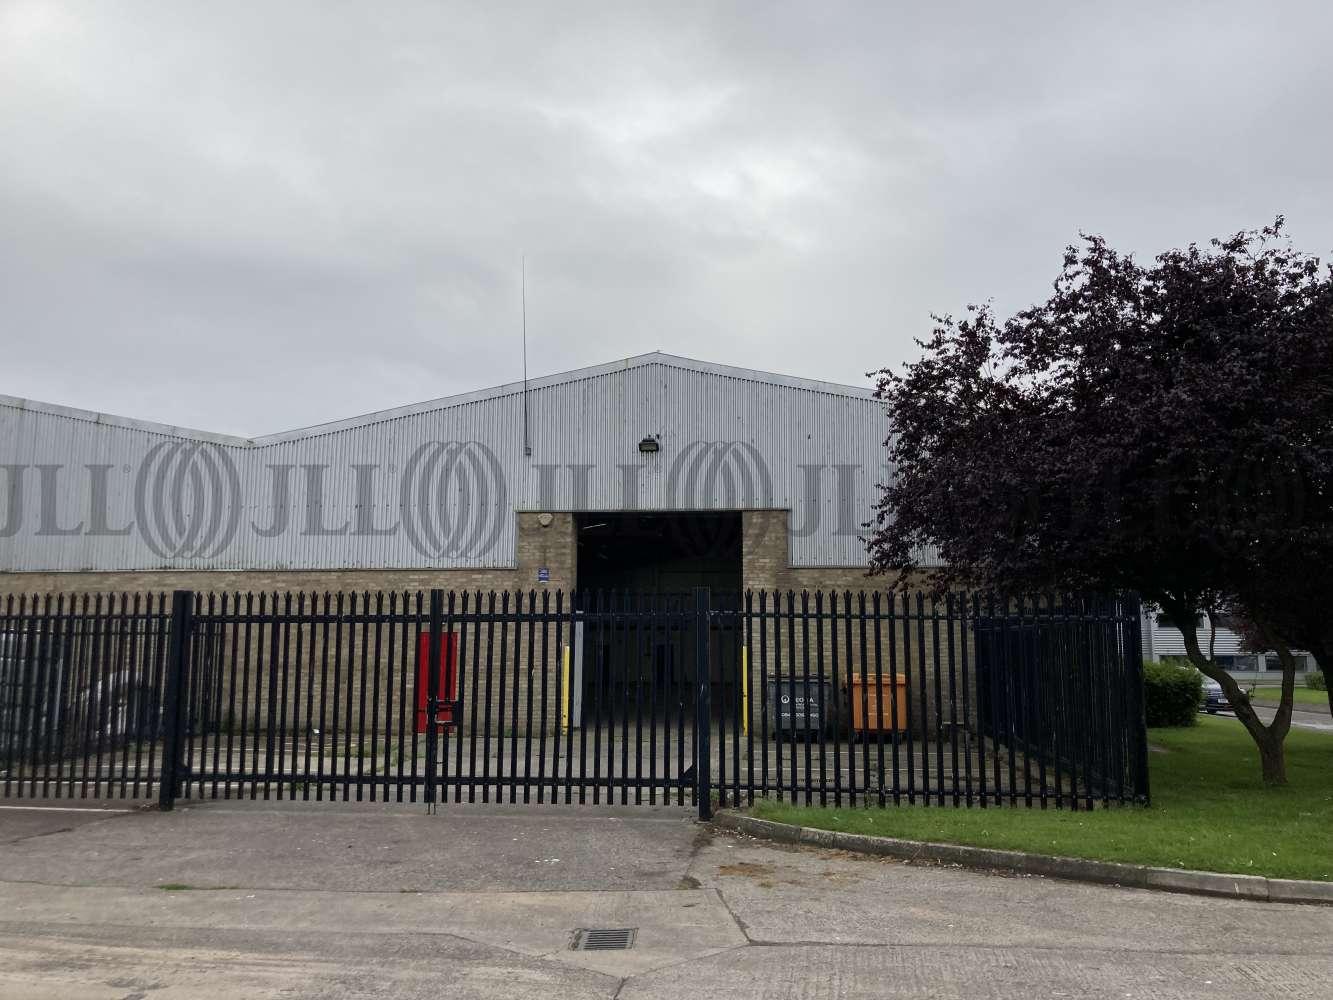 Industrial Yate, BS37 5QT - Unit 6